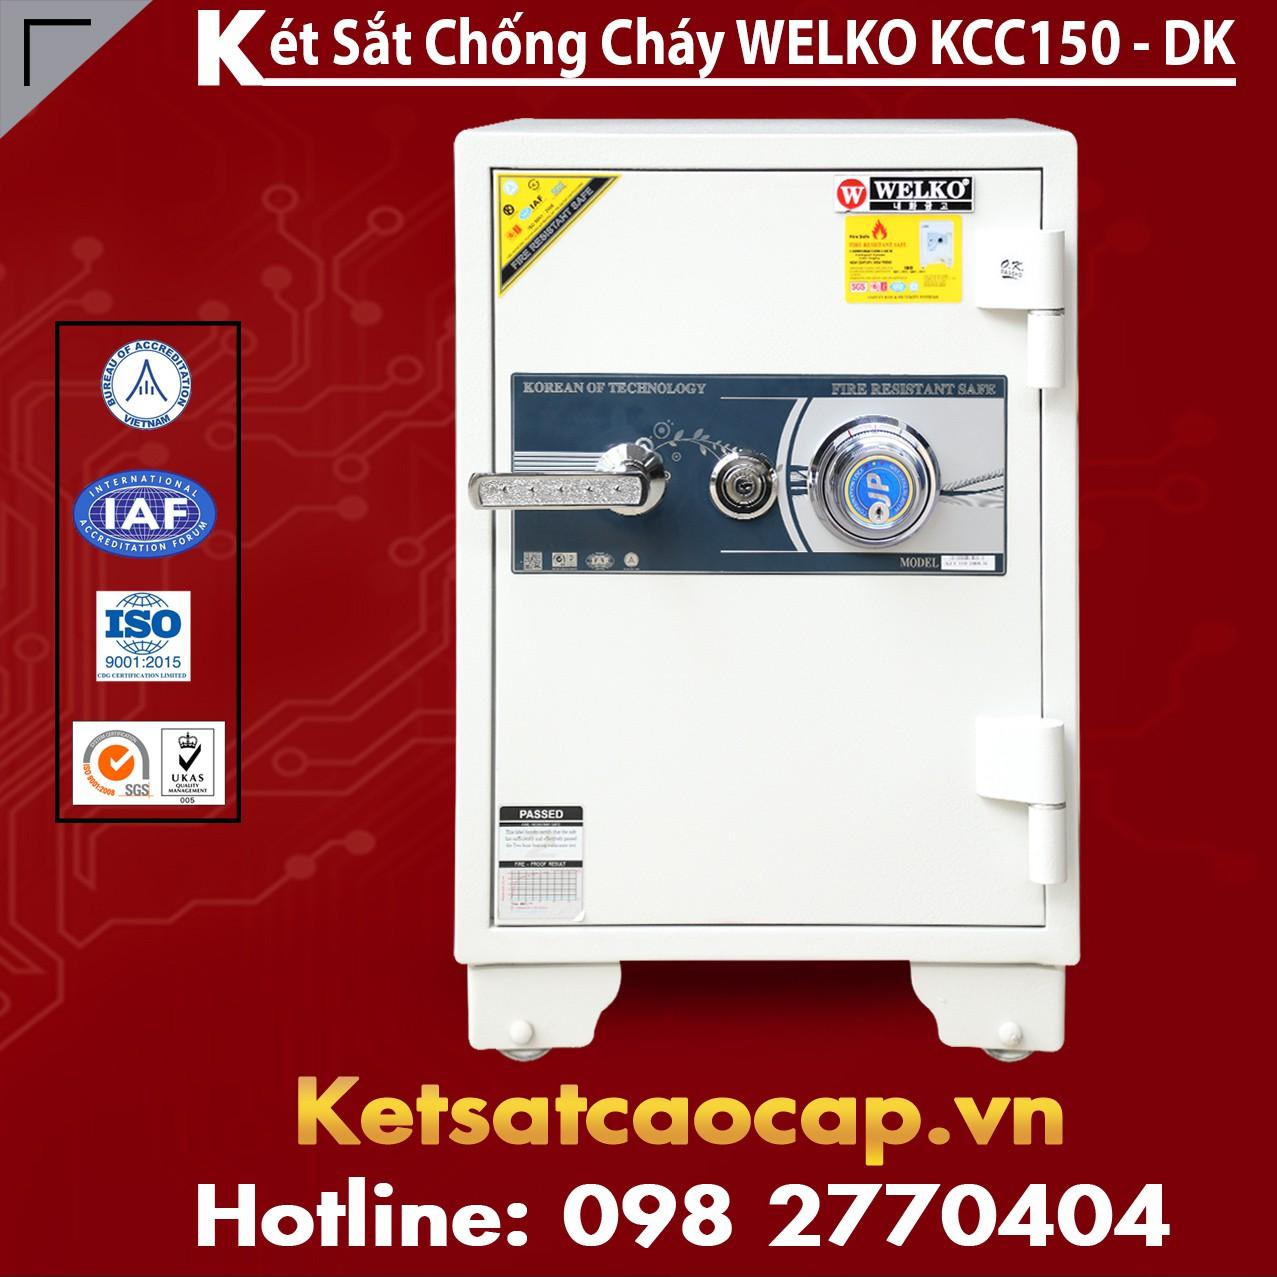 Két Sắt Sài Gòn KCC150 - DK